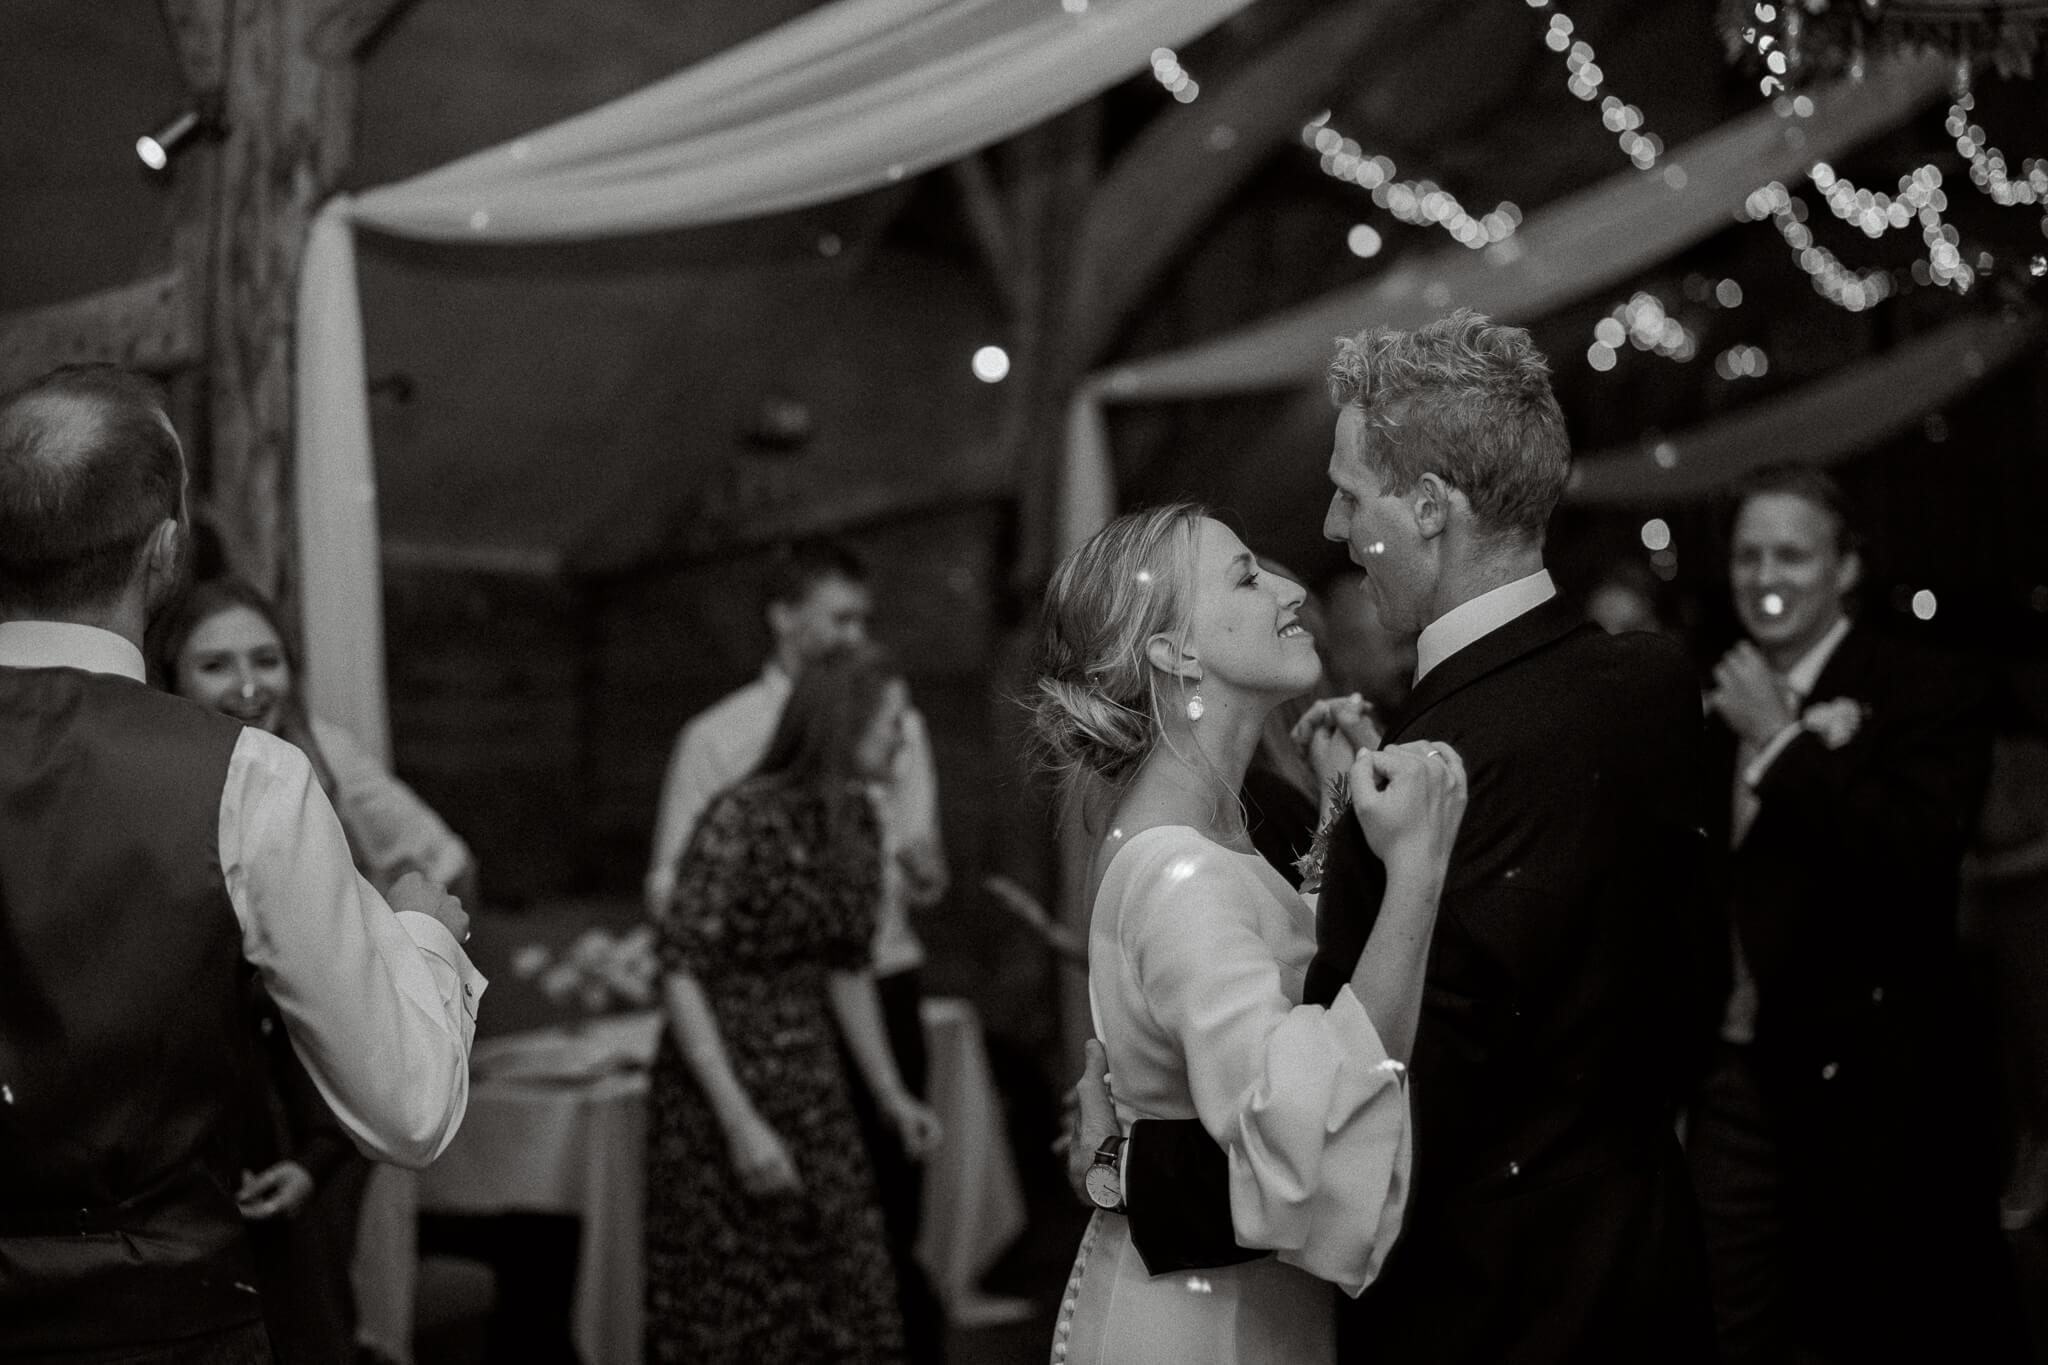 Oxfordshire wedding venue lains barn for wedding reception